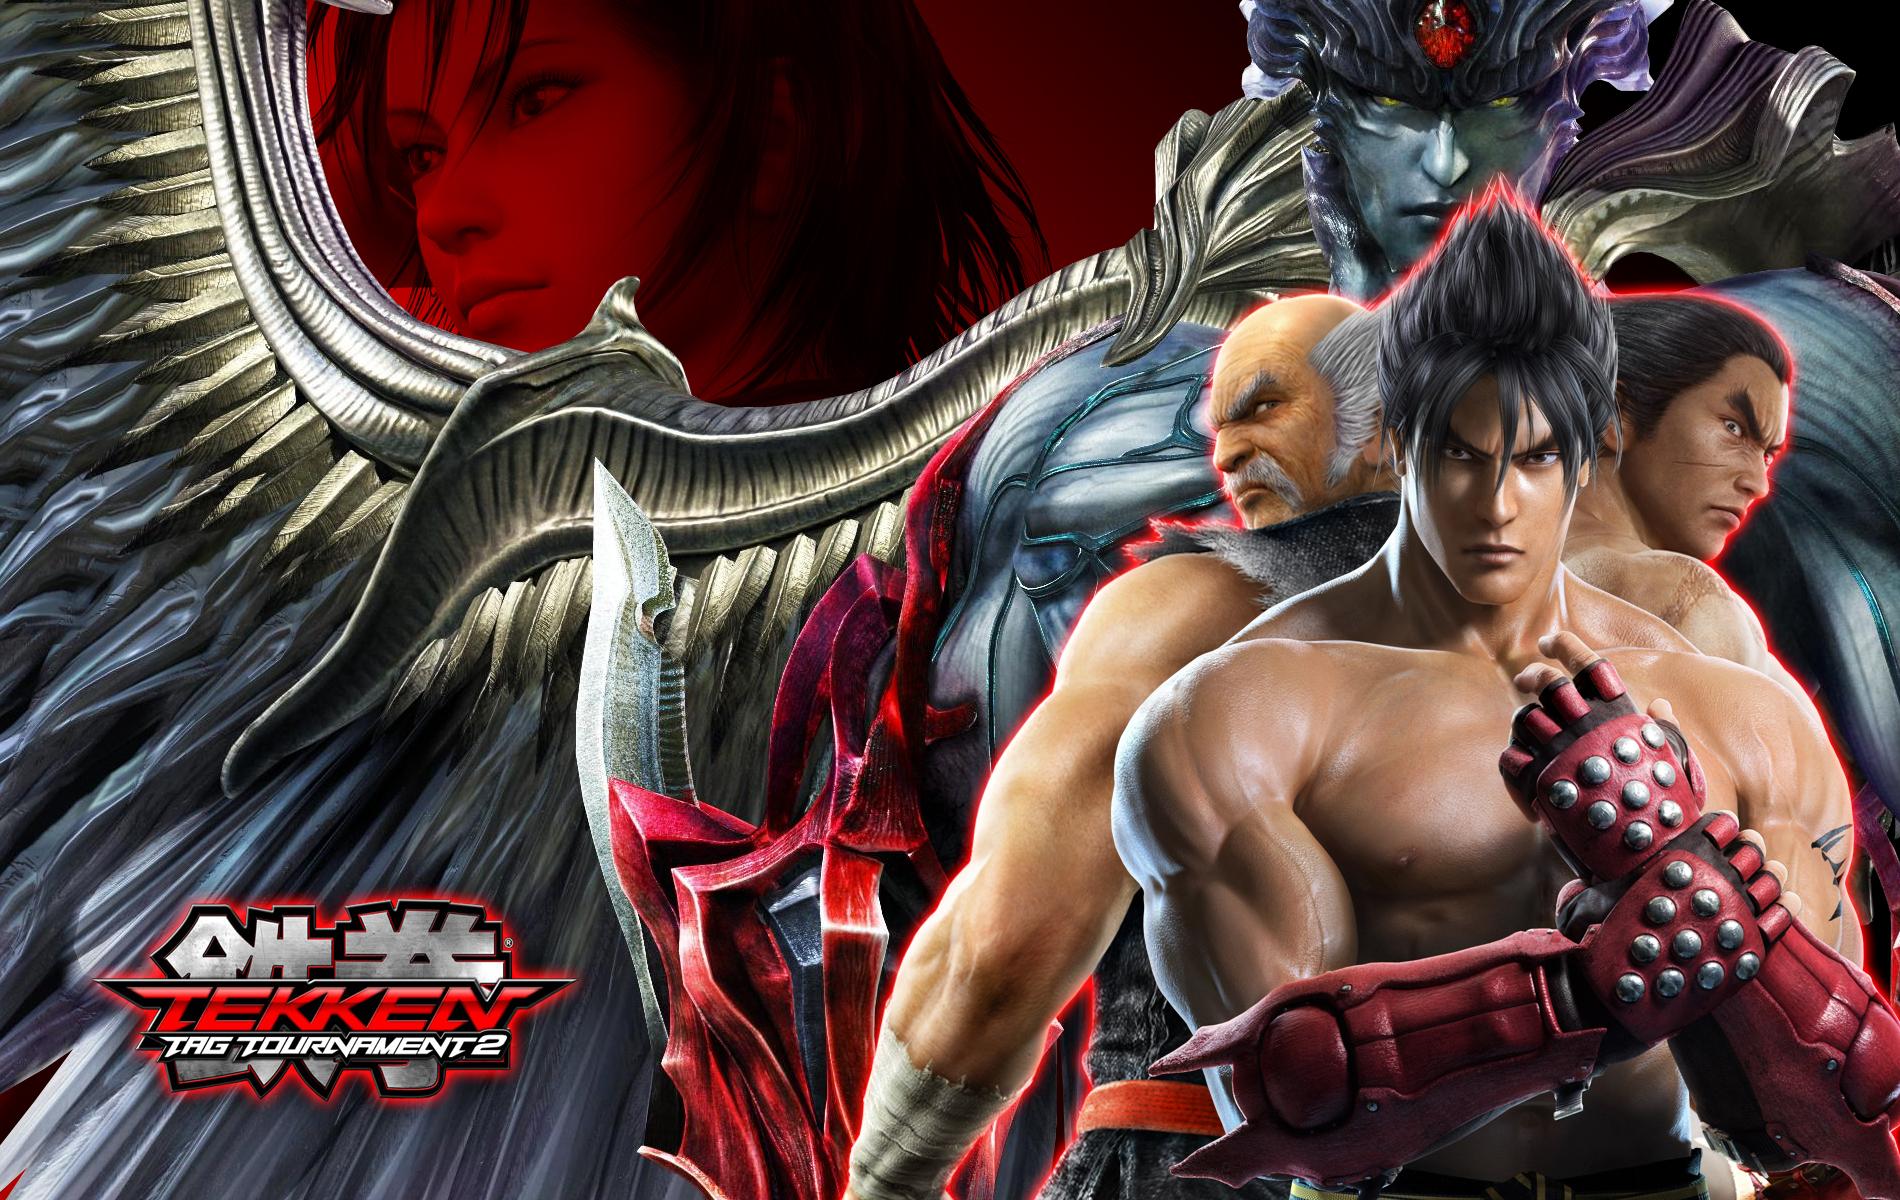 Tekken Tag Tournament 2 Wallpaper V2 0 By Jin 05 On Deviantart